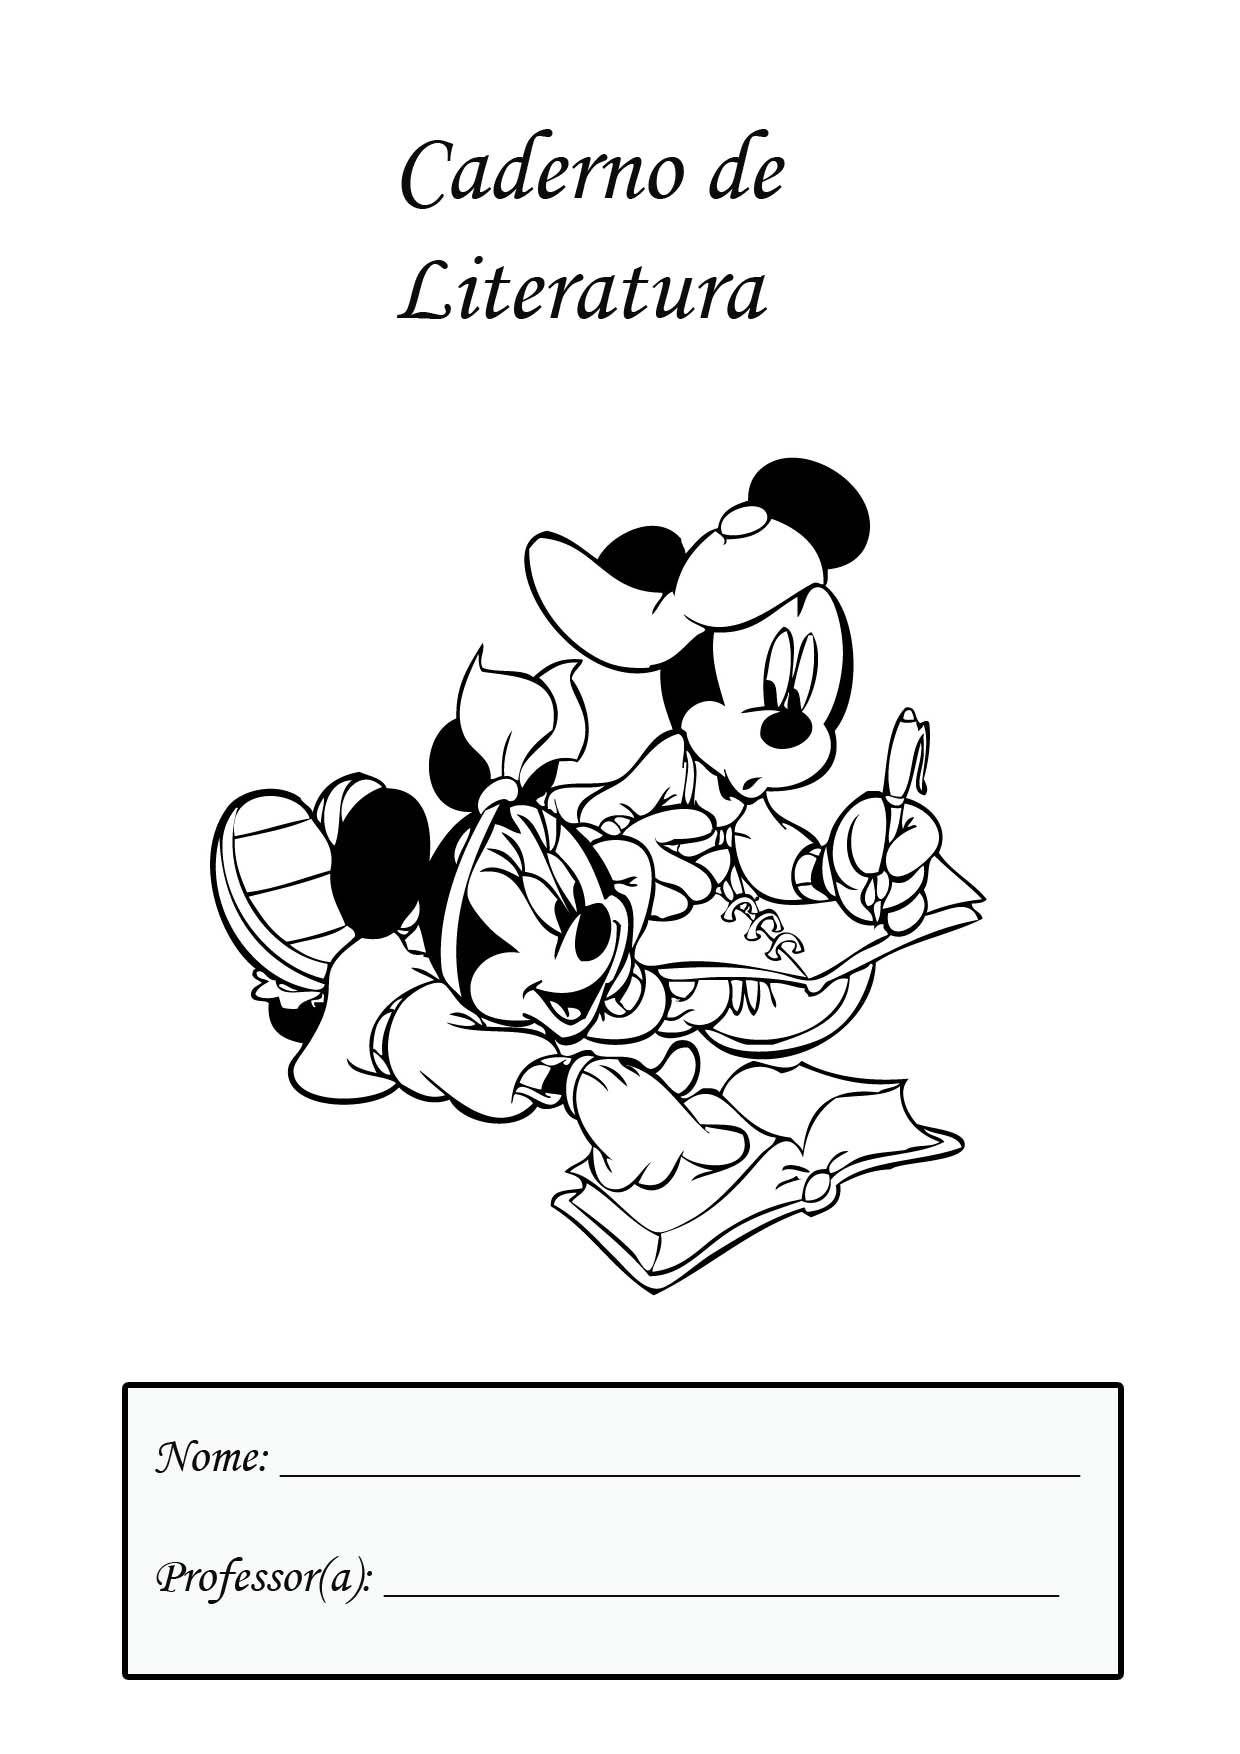 Capa Caderno Literatura Paginas Para Colorir Da Disney Paginas